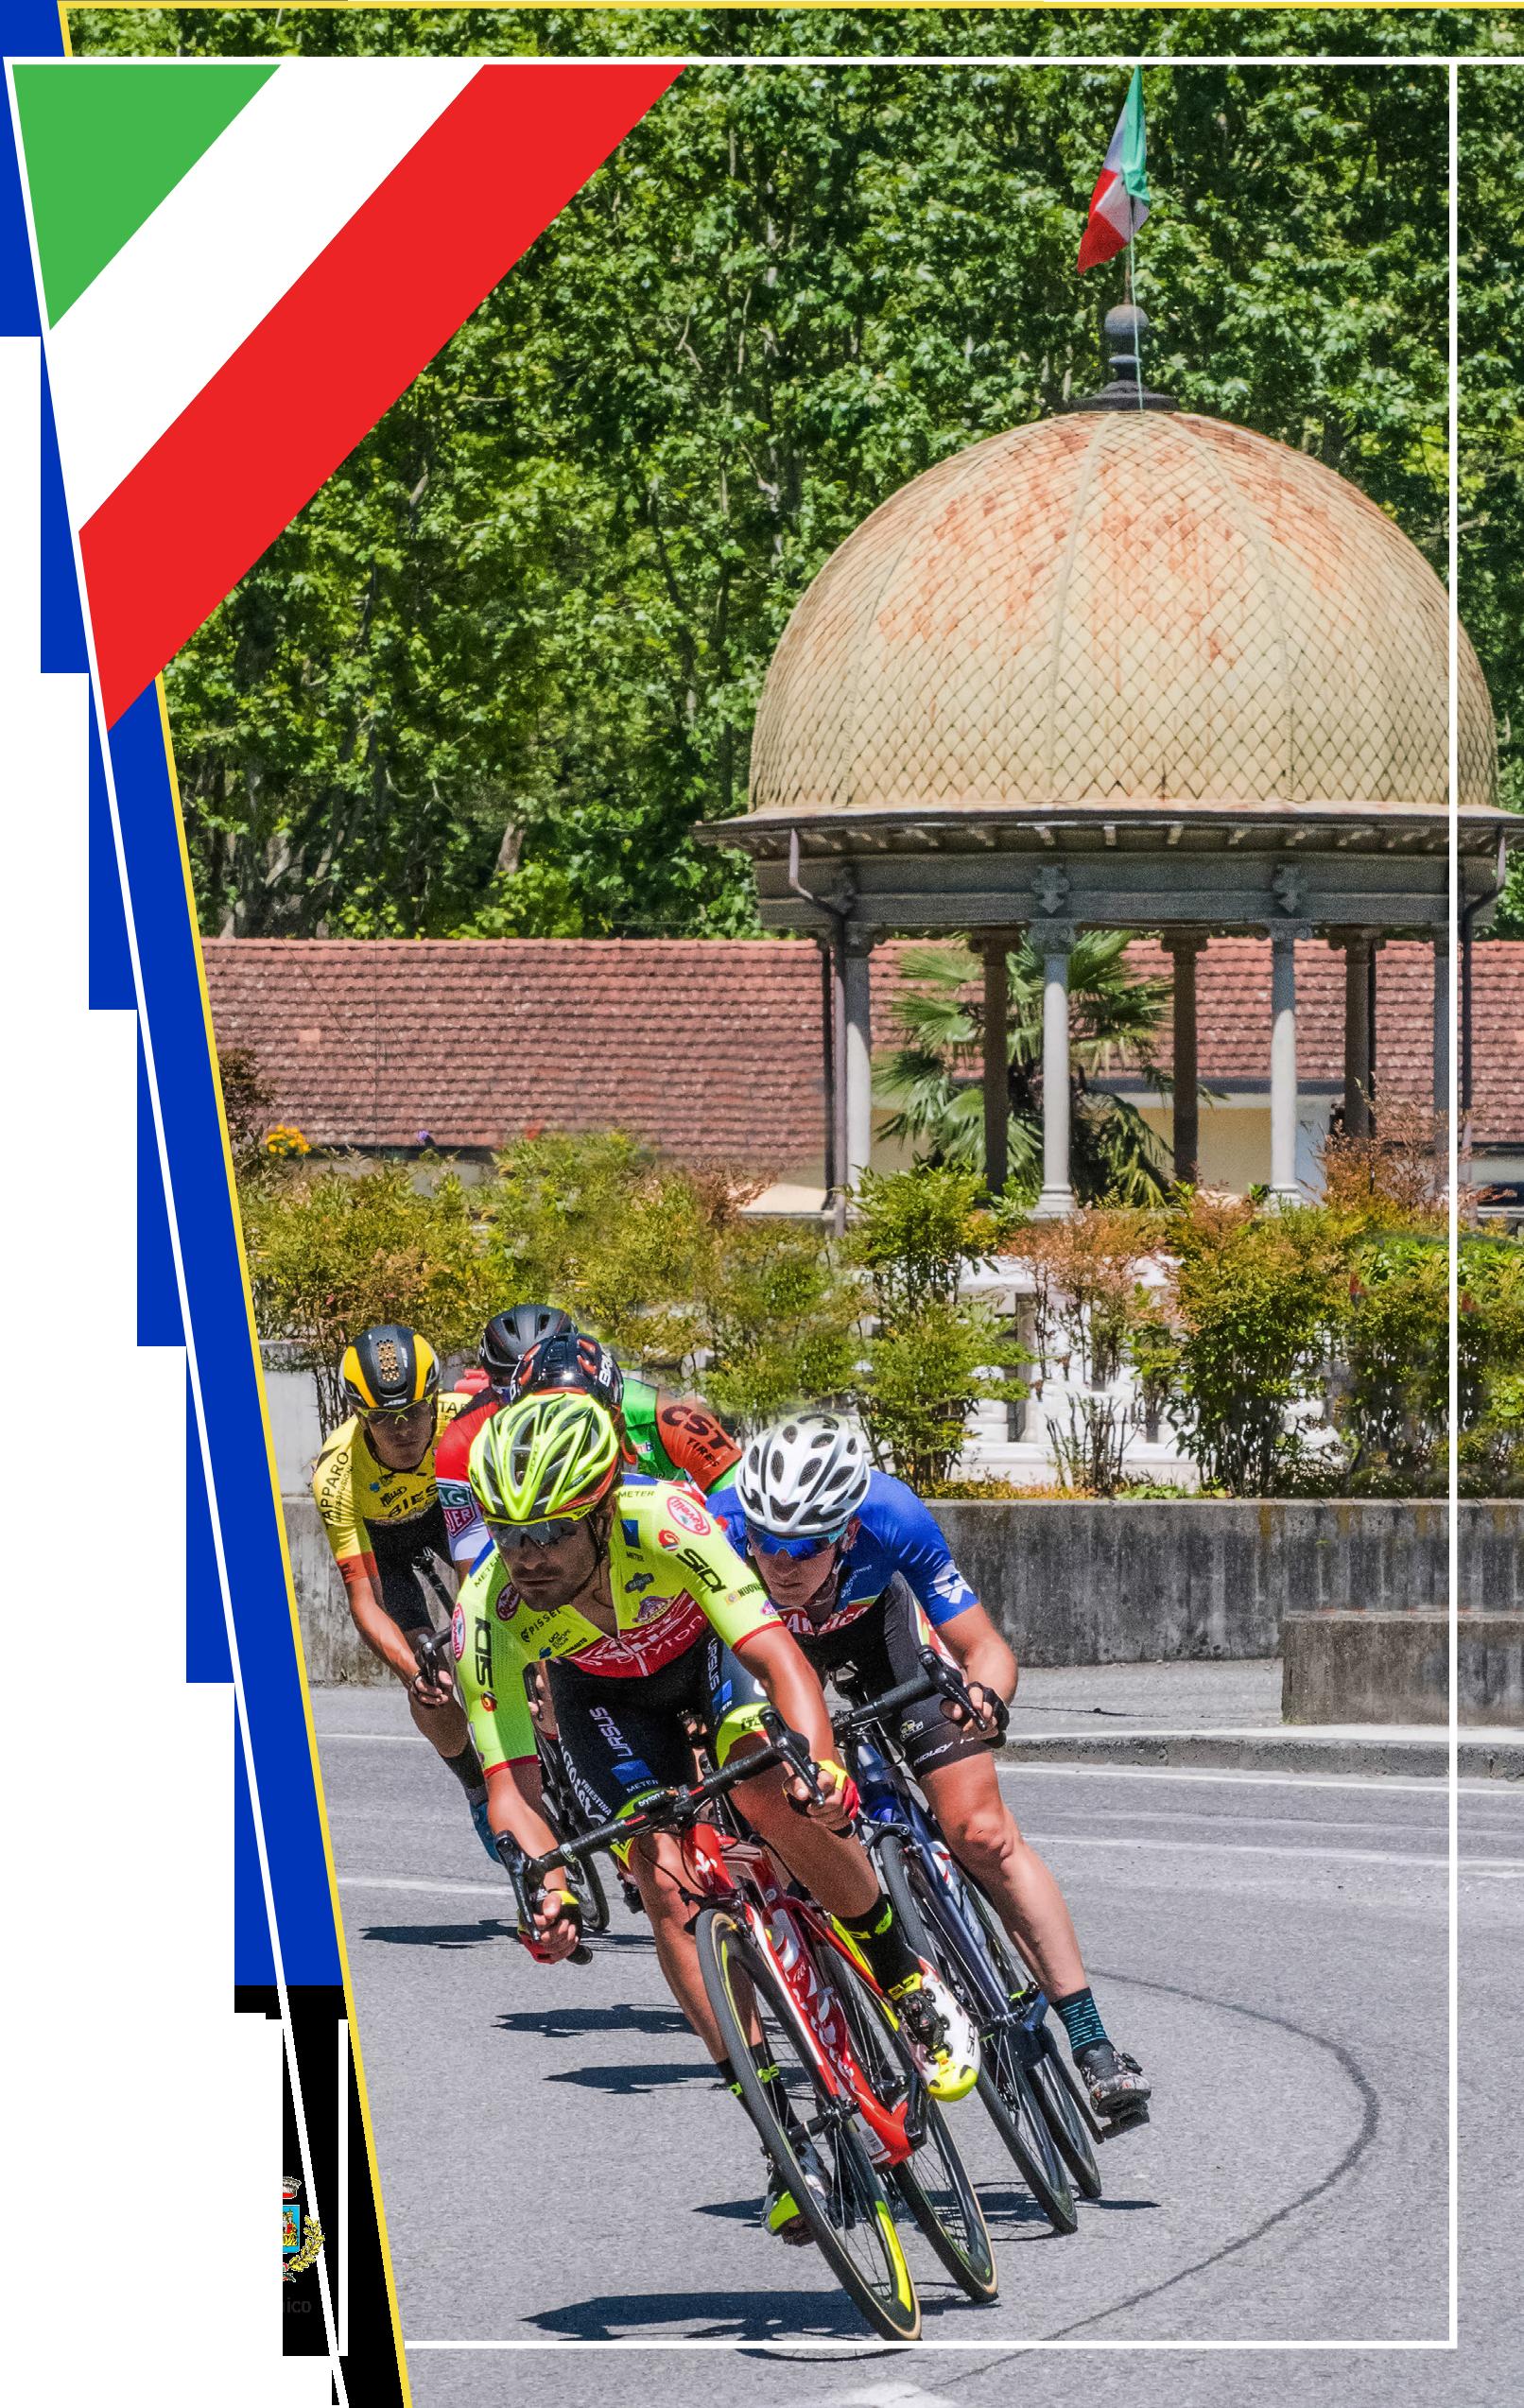 Campionati Italiani Ciclismo 2021 Juniores e donne junior Darfo Boario terme taglio